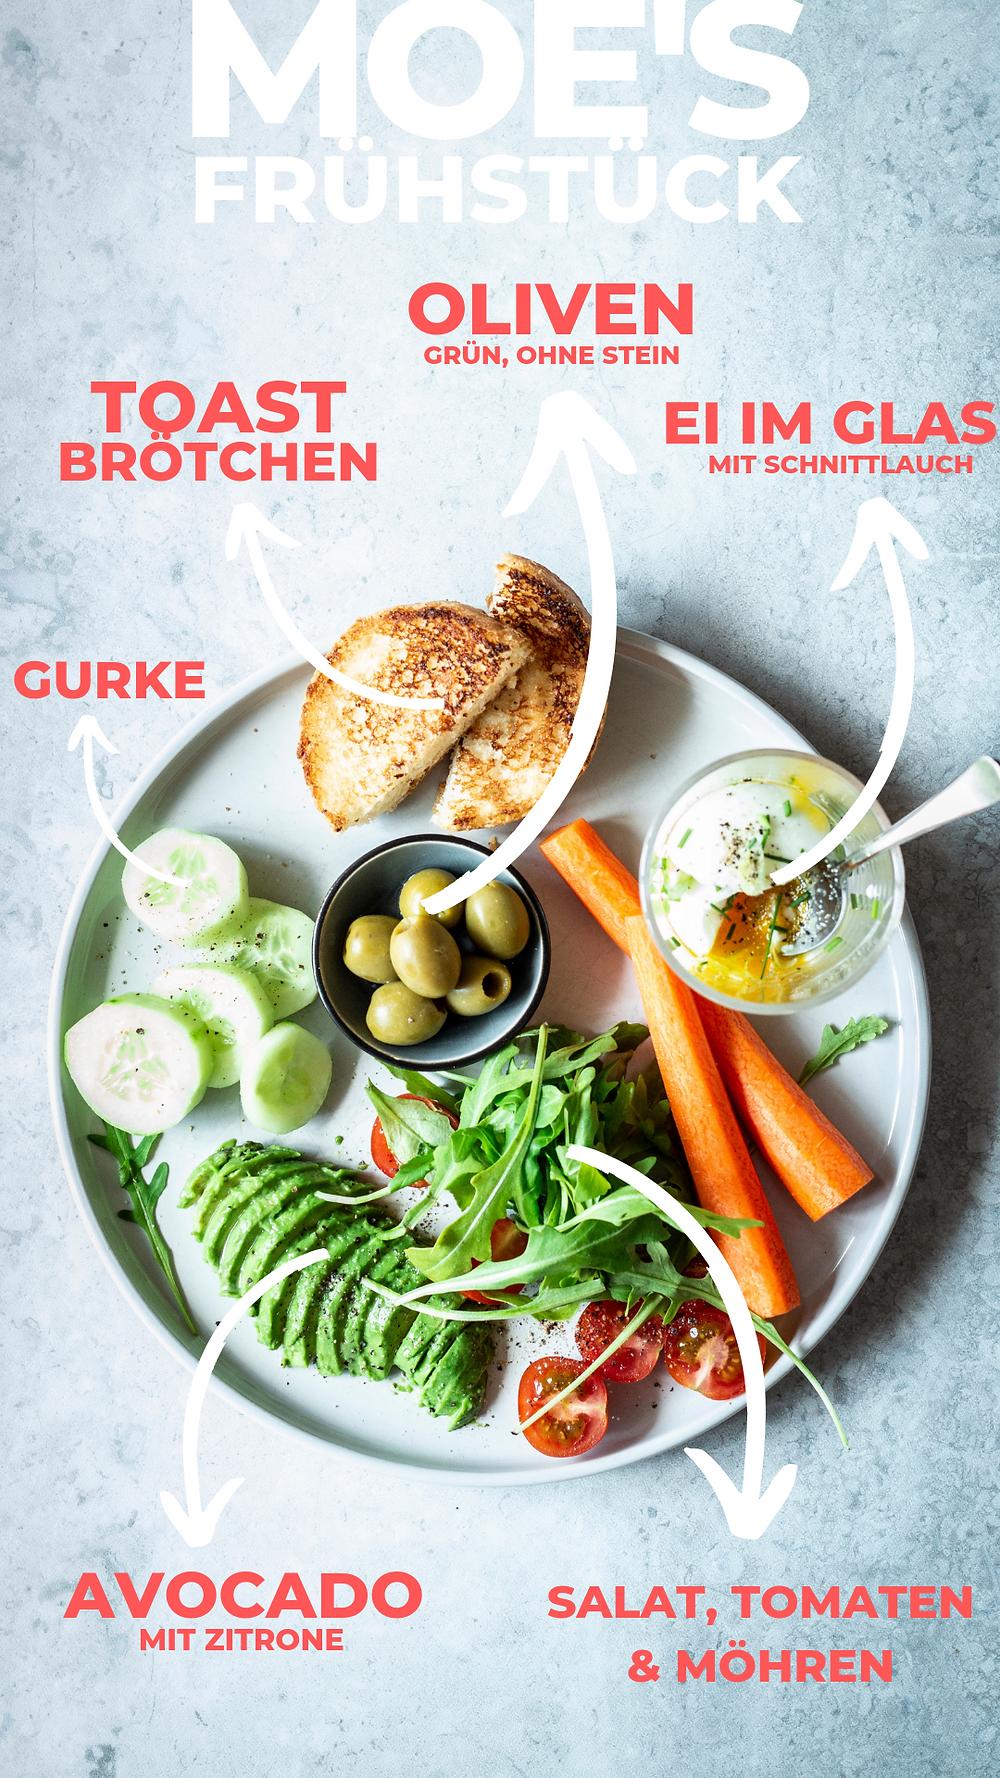 Schnelles gesundes Frühstück Rezept mit Avocado, Möhren, Oliven und Ei im Glas – so reichhaltig und lecker, da fängt der Tag gut an! Eine meiner liebsten Frühstücksideen! # frühstück #einfach #schnell #gesund #breakfast #frühstücksidee #rezept